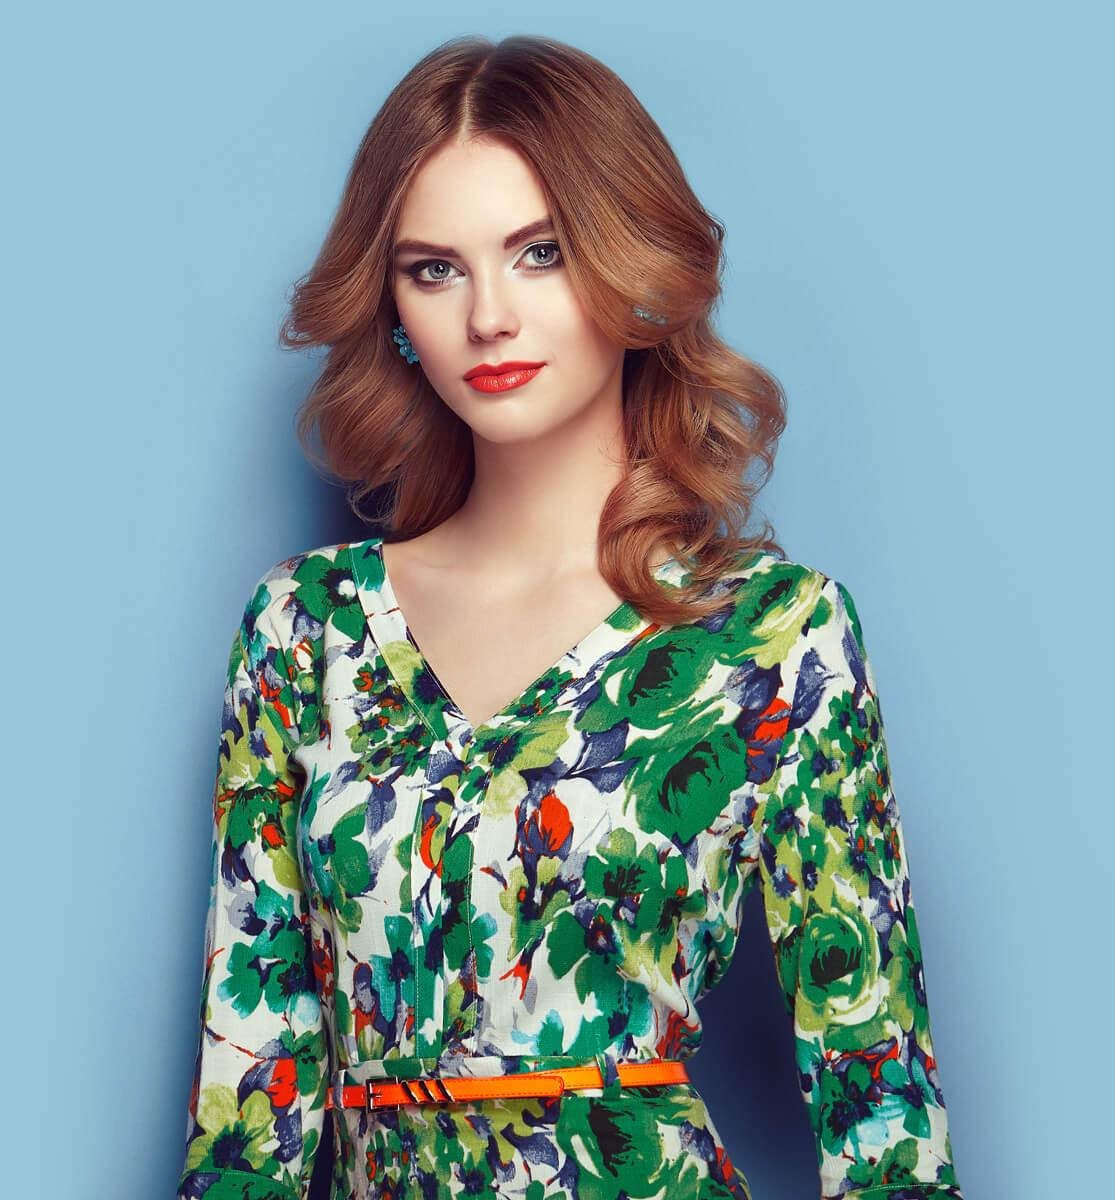 Mode Onlineshop für Bekleidung im Großhandel